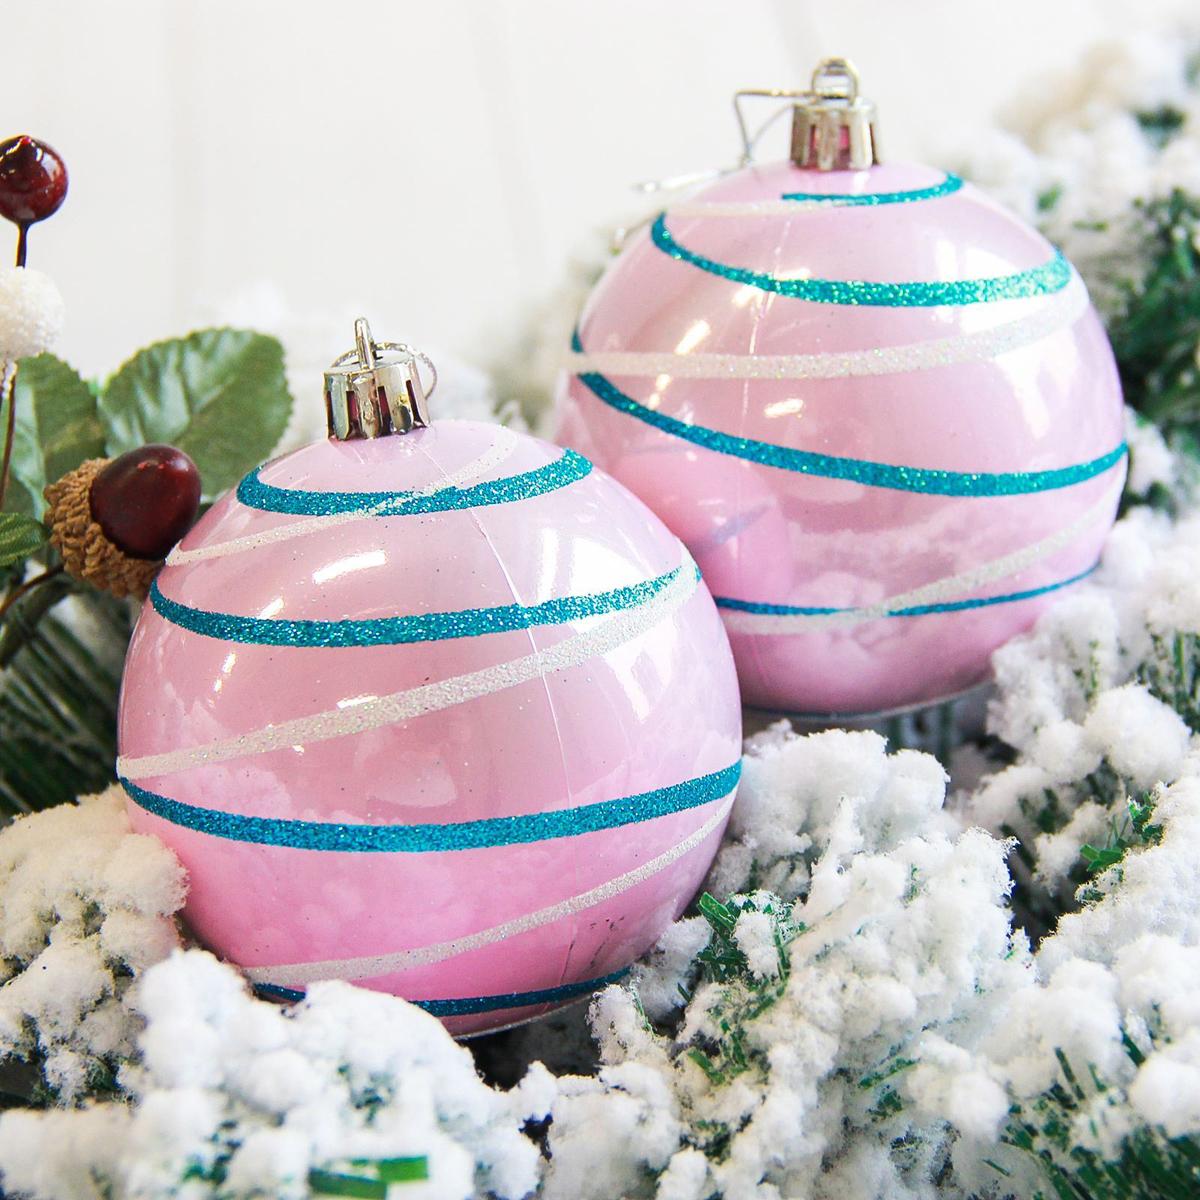 Набор новогодних подвесных украшений Sima-land Орион, цвет: розовый, диаметр 8 см, 6 шт. 2178194 свеча ароматизированная sima land лимон на подставке высота 6 см